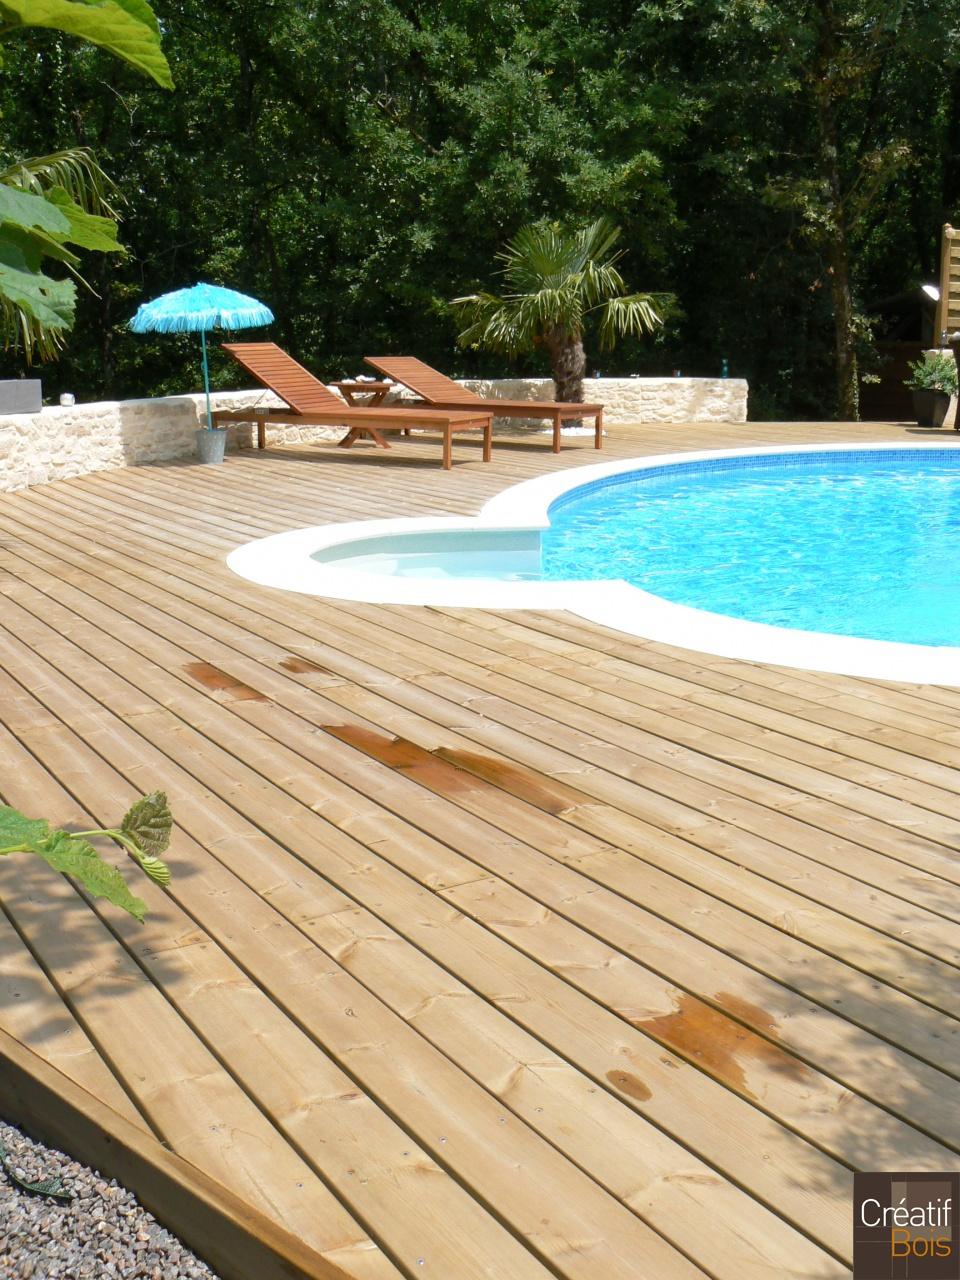 plage de piscine souilhac lanzac lot 46 plages de piscine galerie cr atif bois. Black Bedroom Furniture Sets. Home Design Ideas